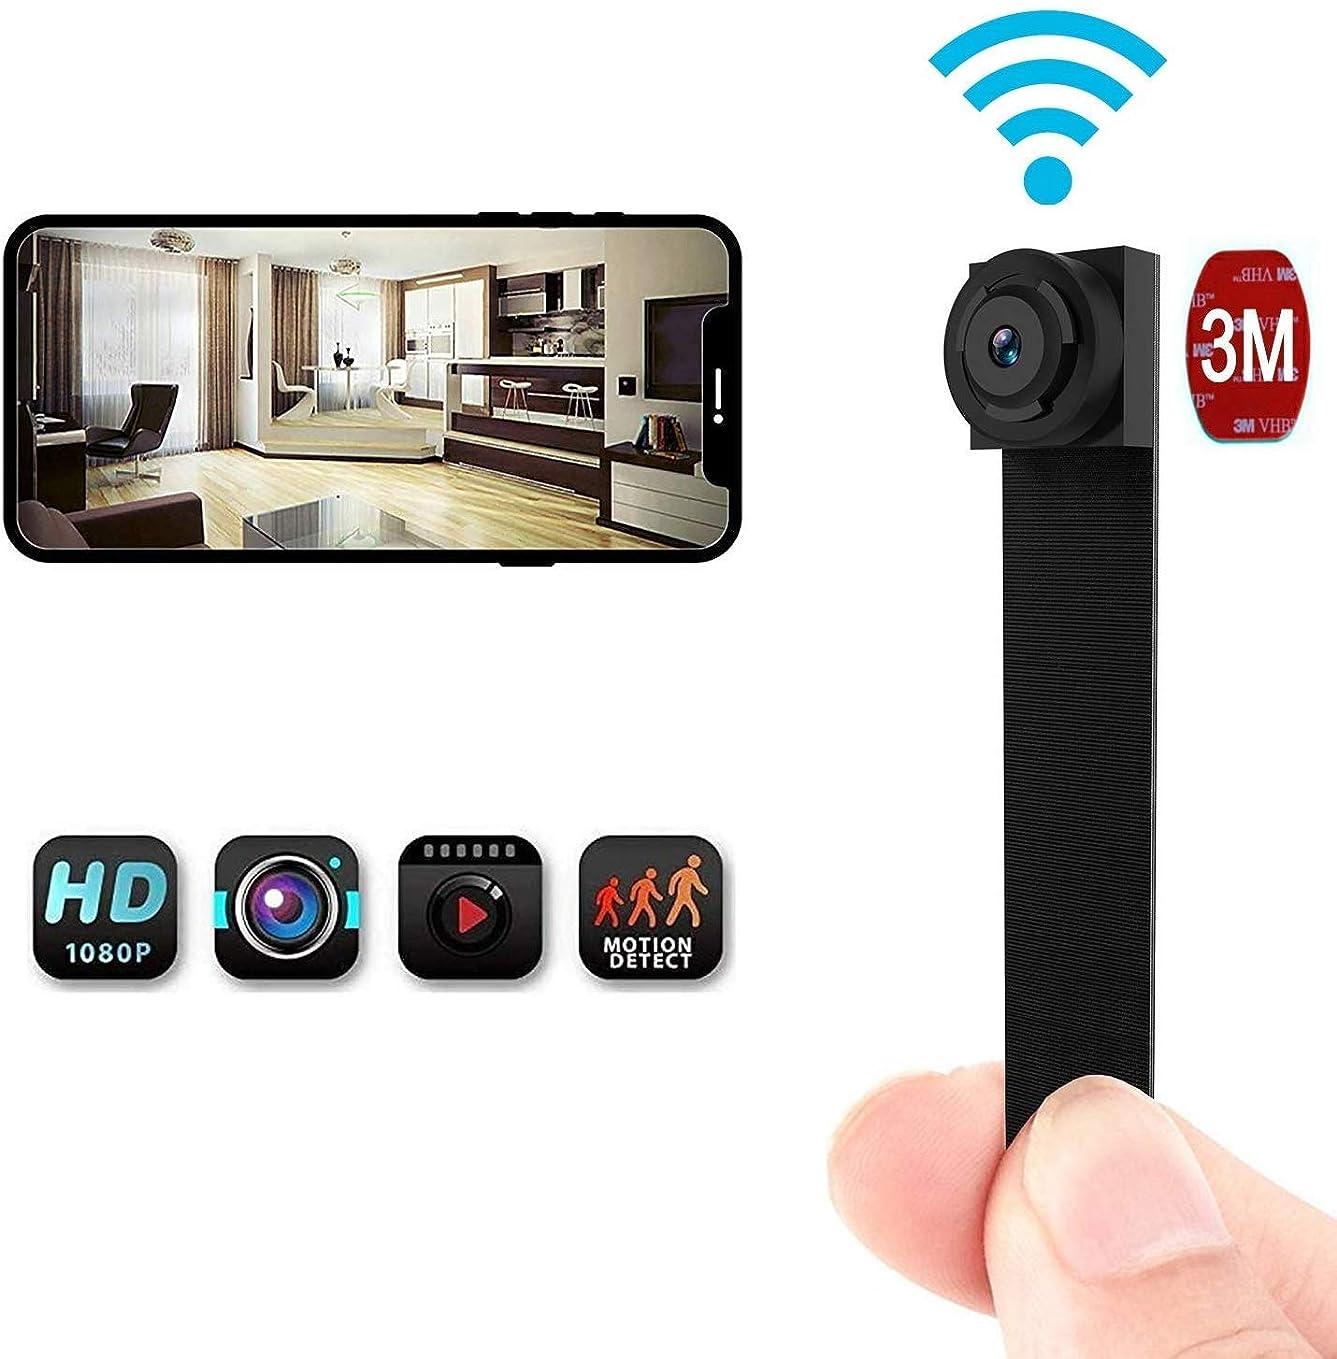 早熟元の違うスパイ隠しカメラ、4Kビデオ録画, Wifi隠しカメラ動体検知をサポート、, 家庭用監視カメラシステム4-6時間の労働時間, シークレットカメラスマートフォンのリモート表示をサポート, 16g-128gメモリカードをサポート,32g